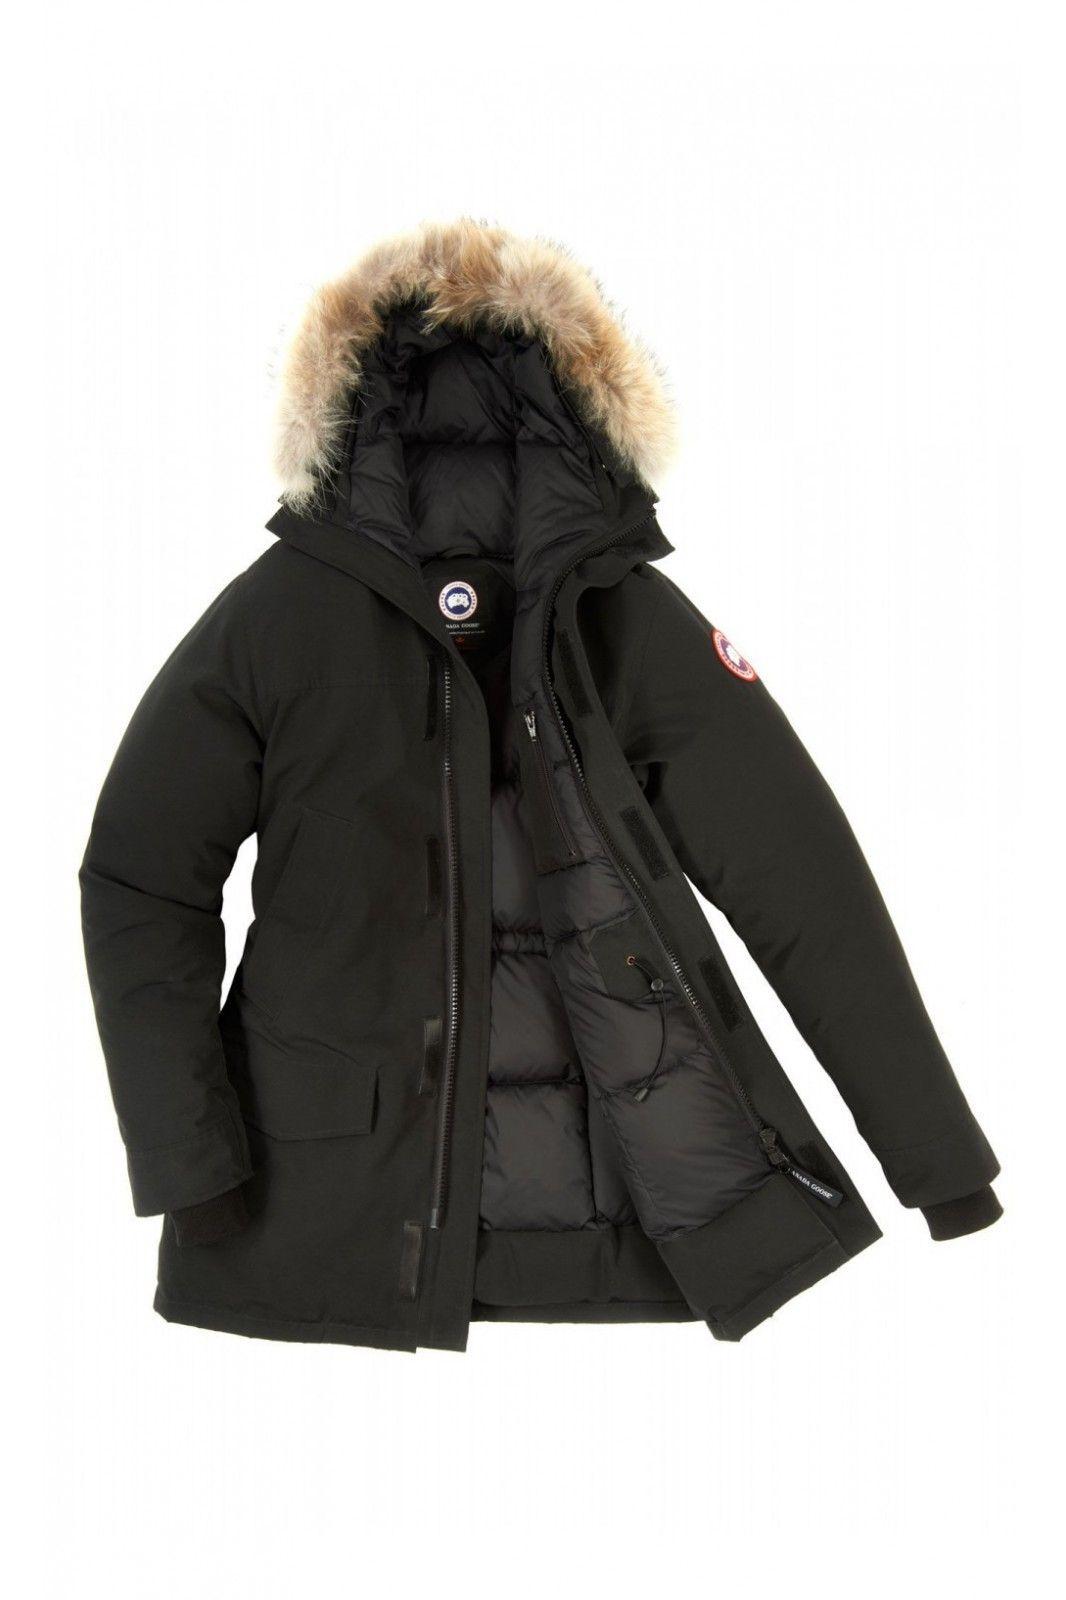 Canada Goose Baby SnowSuit baratas